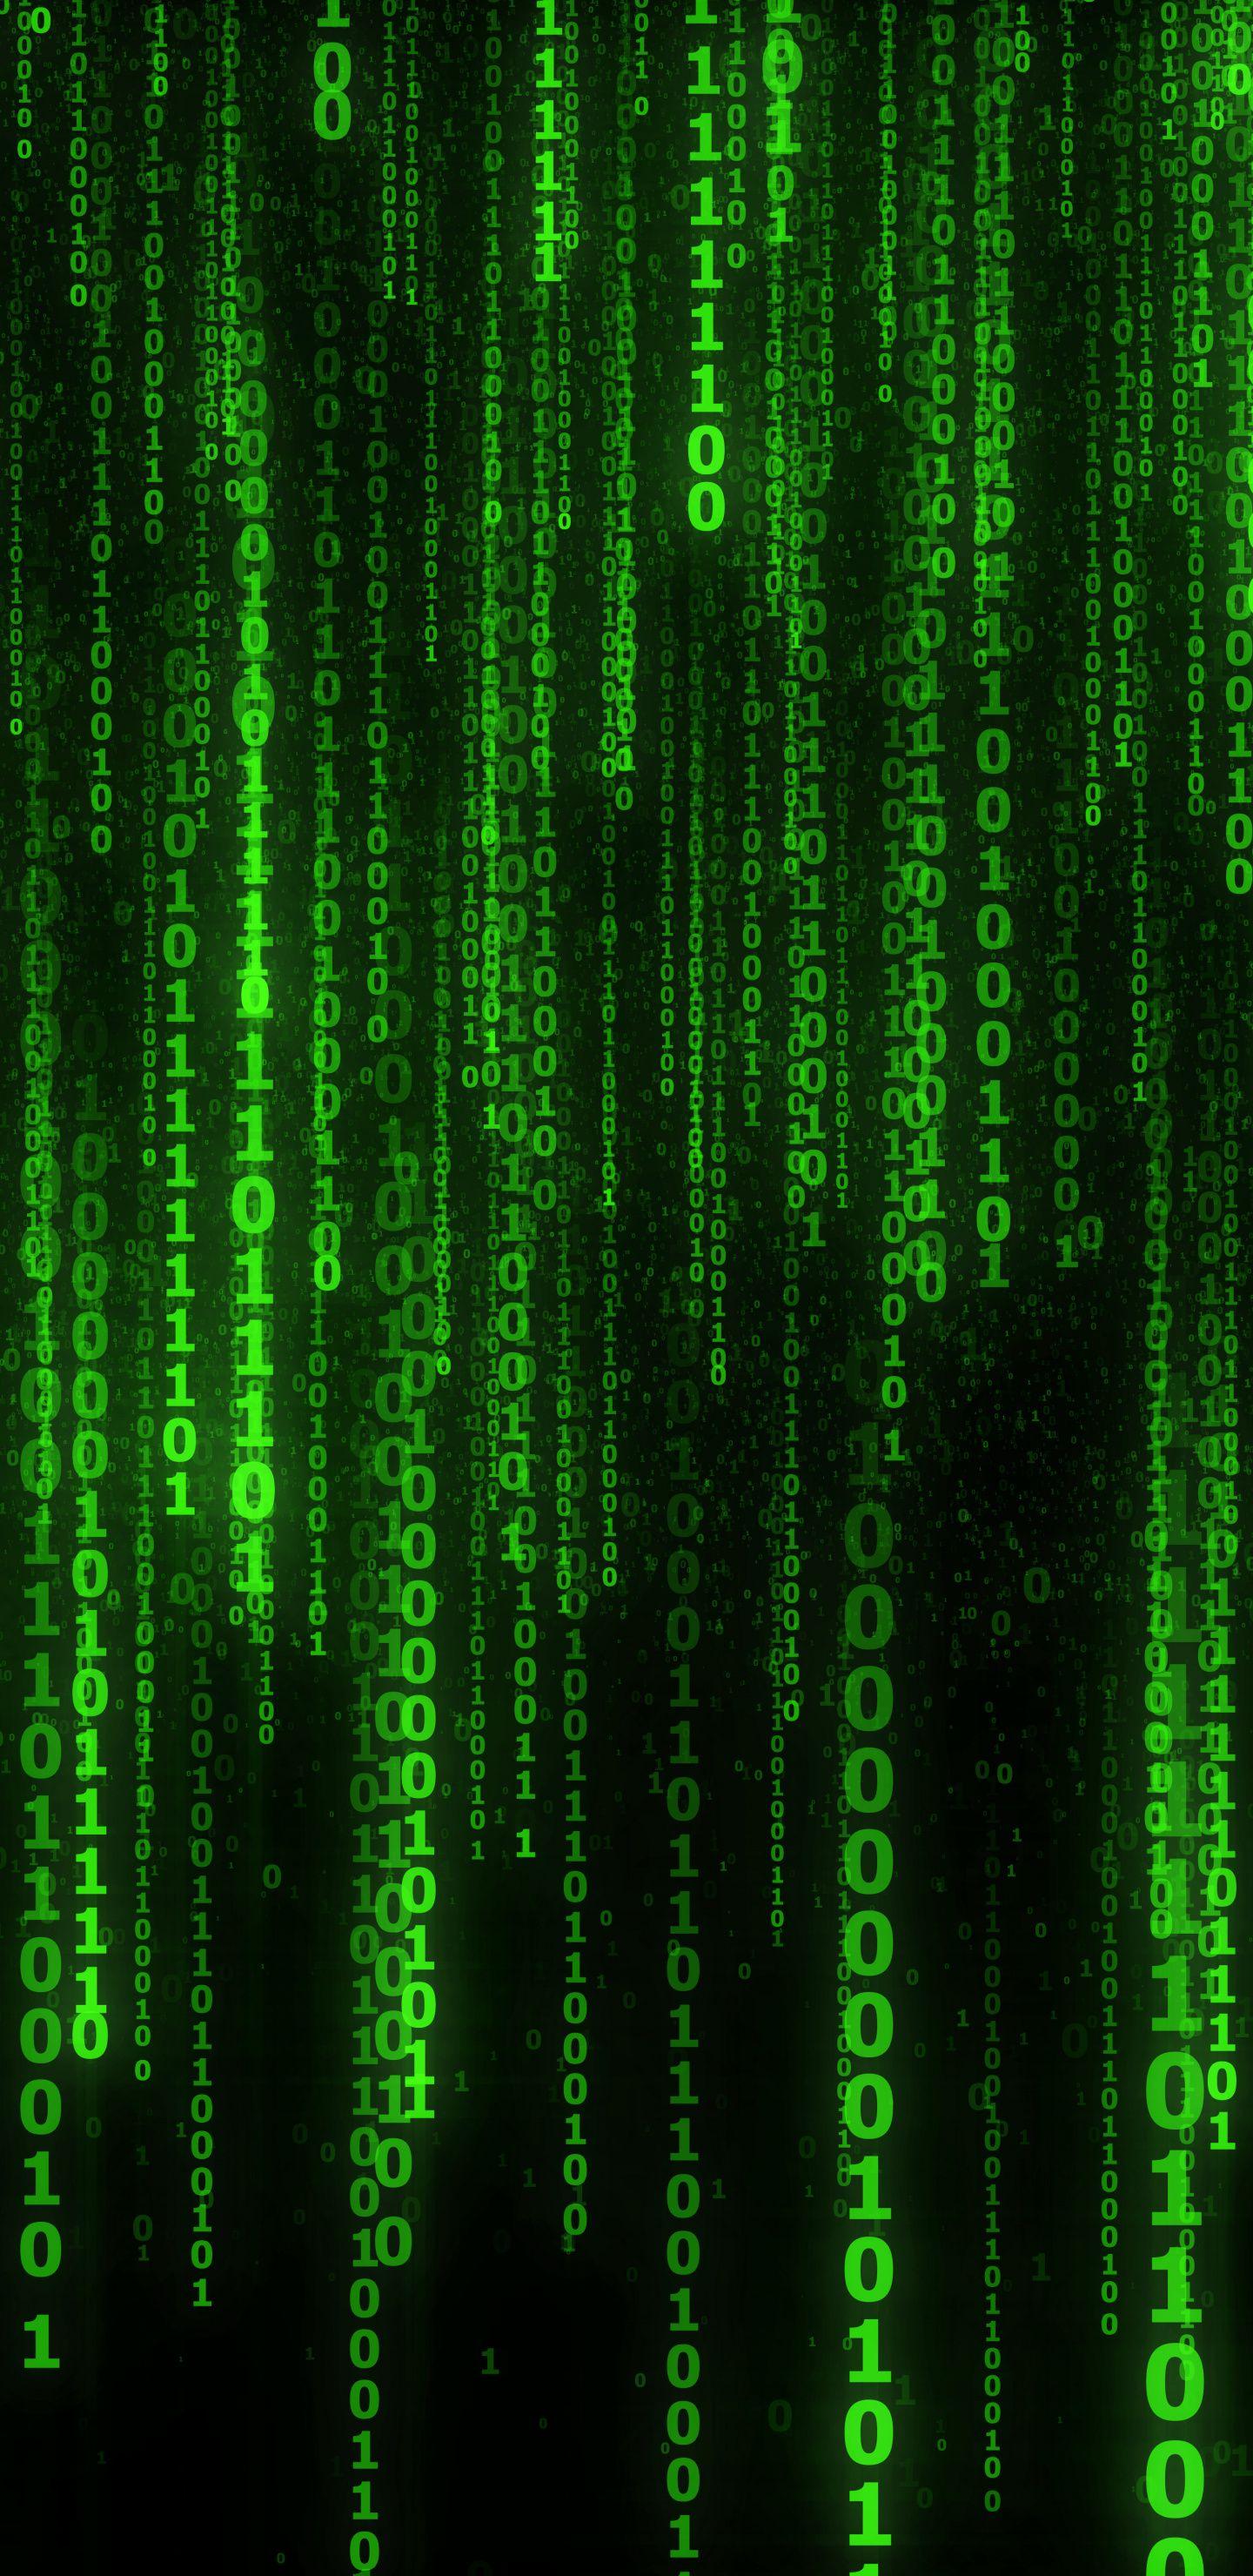 1440x2960 Matrix code, numbers, green wallpaper Papel de